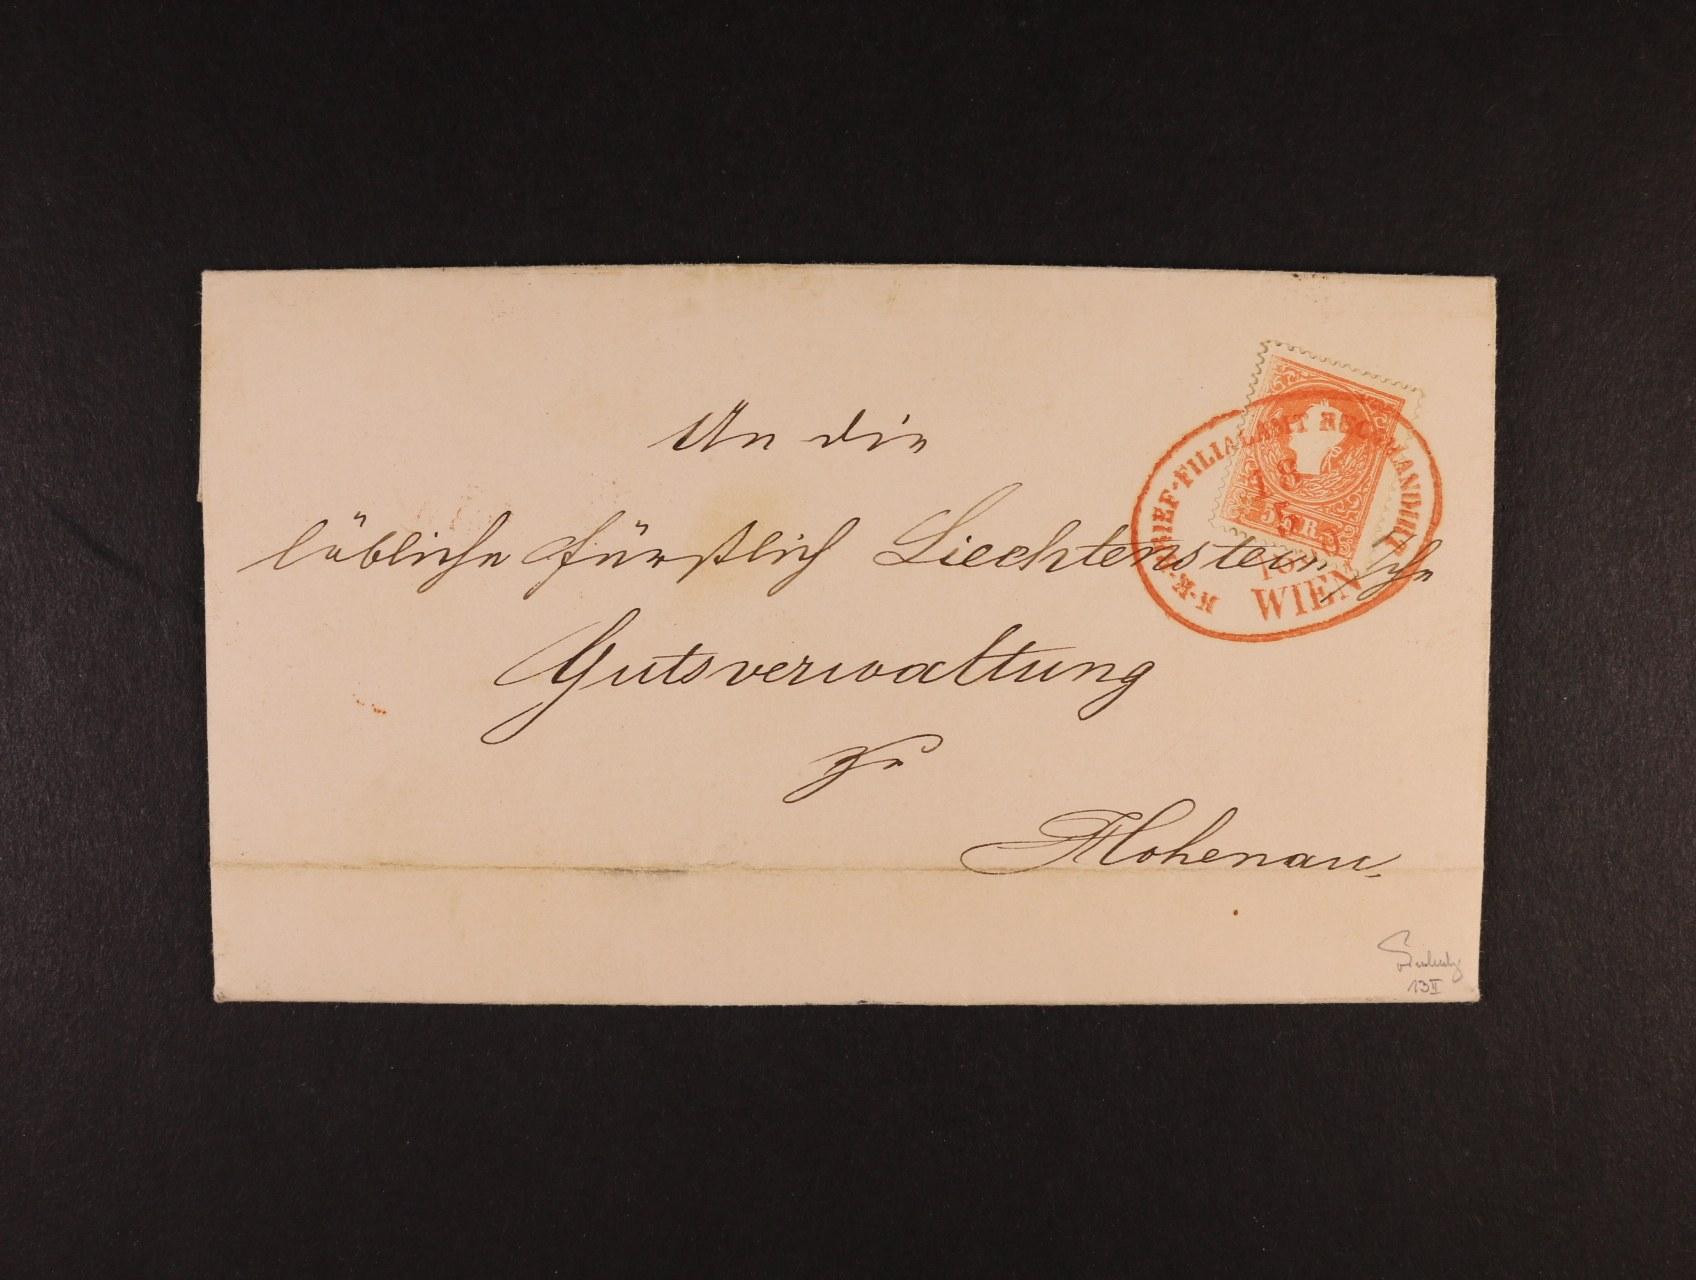 skl. R-dopis do Hohenau z r. 1860 frank. zn. Fe. č. 13 II s oválným červeným raz. K.K. ... RECOMANDIRT WIEN 18.5.86, na zadní str. při otevírání zn. stržena, přích. raz. zk. Ferchenbauer